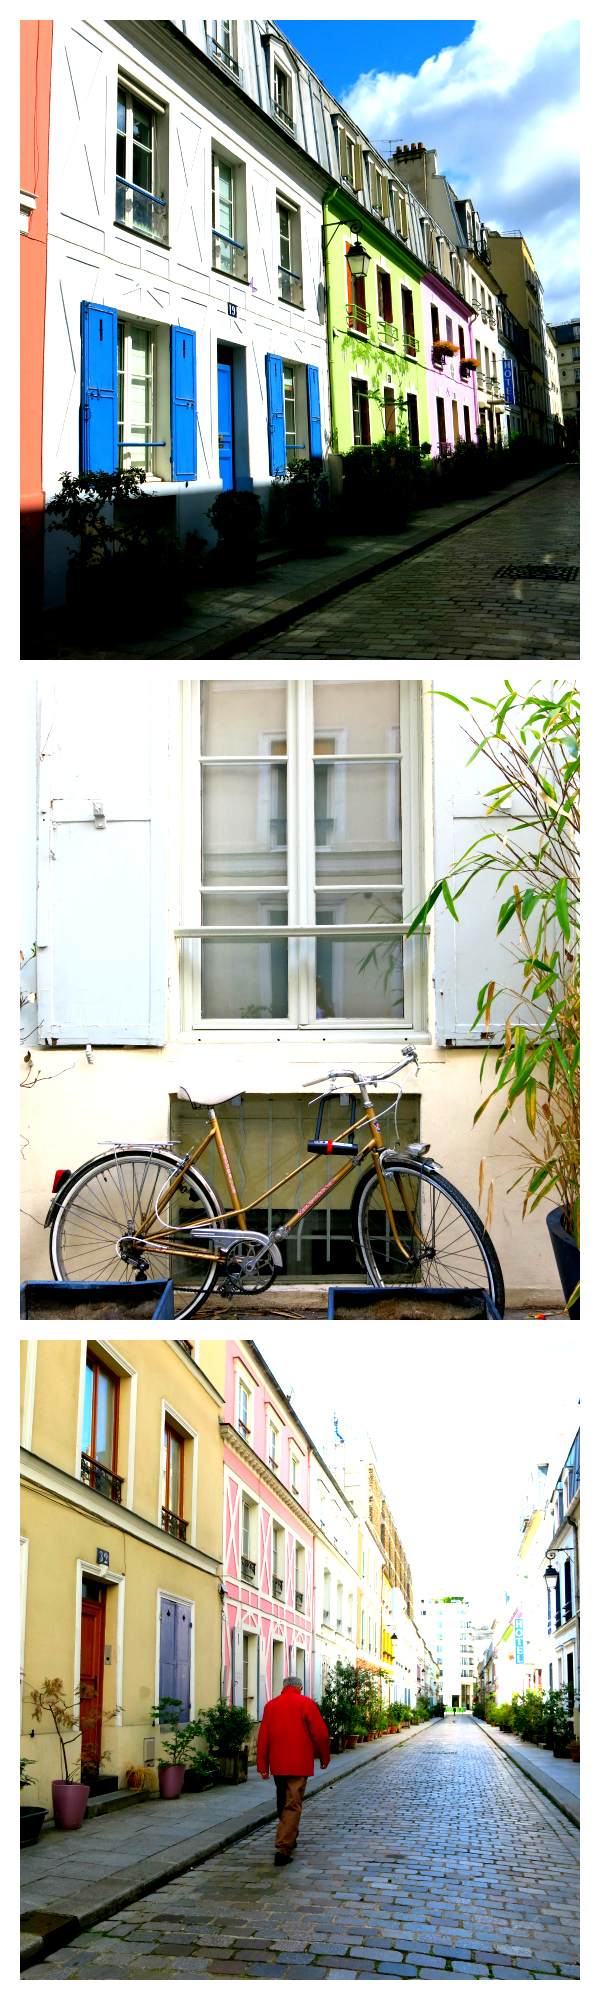 rue Collage 3